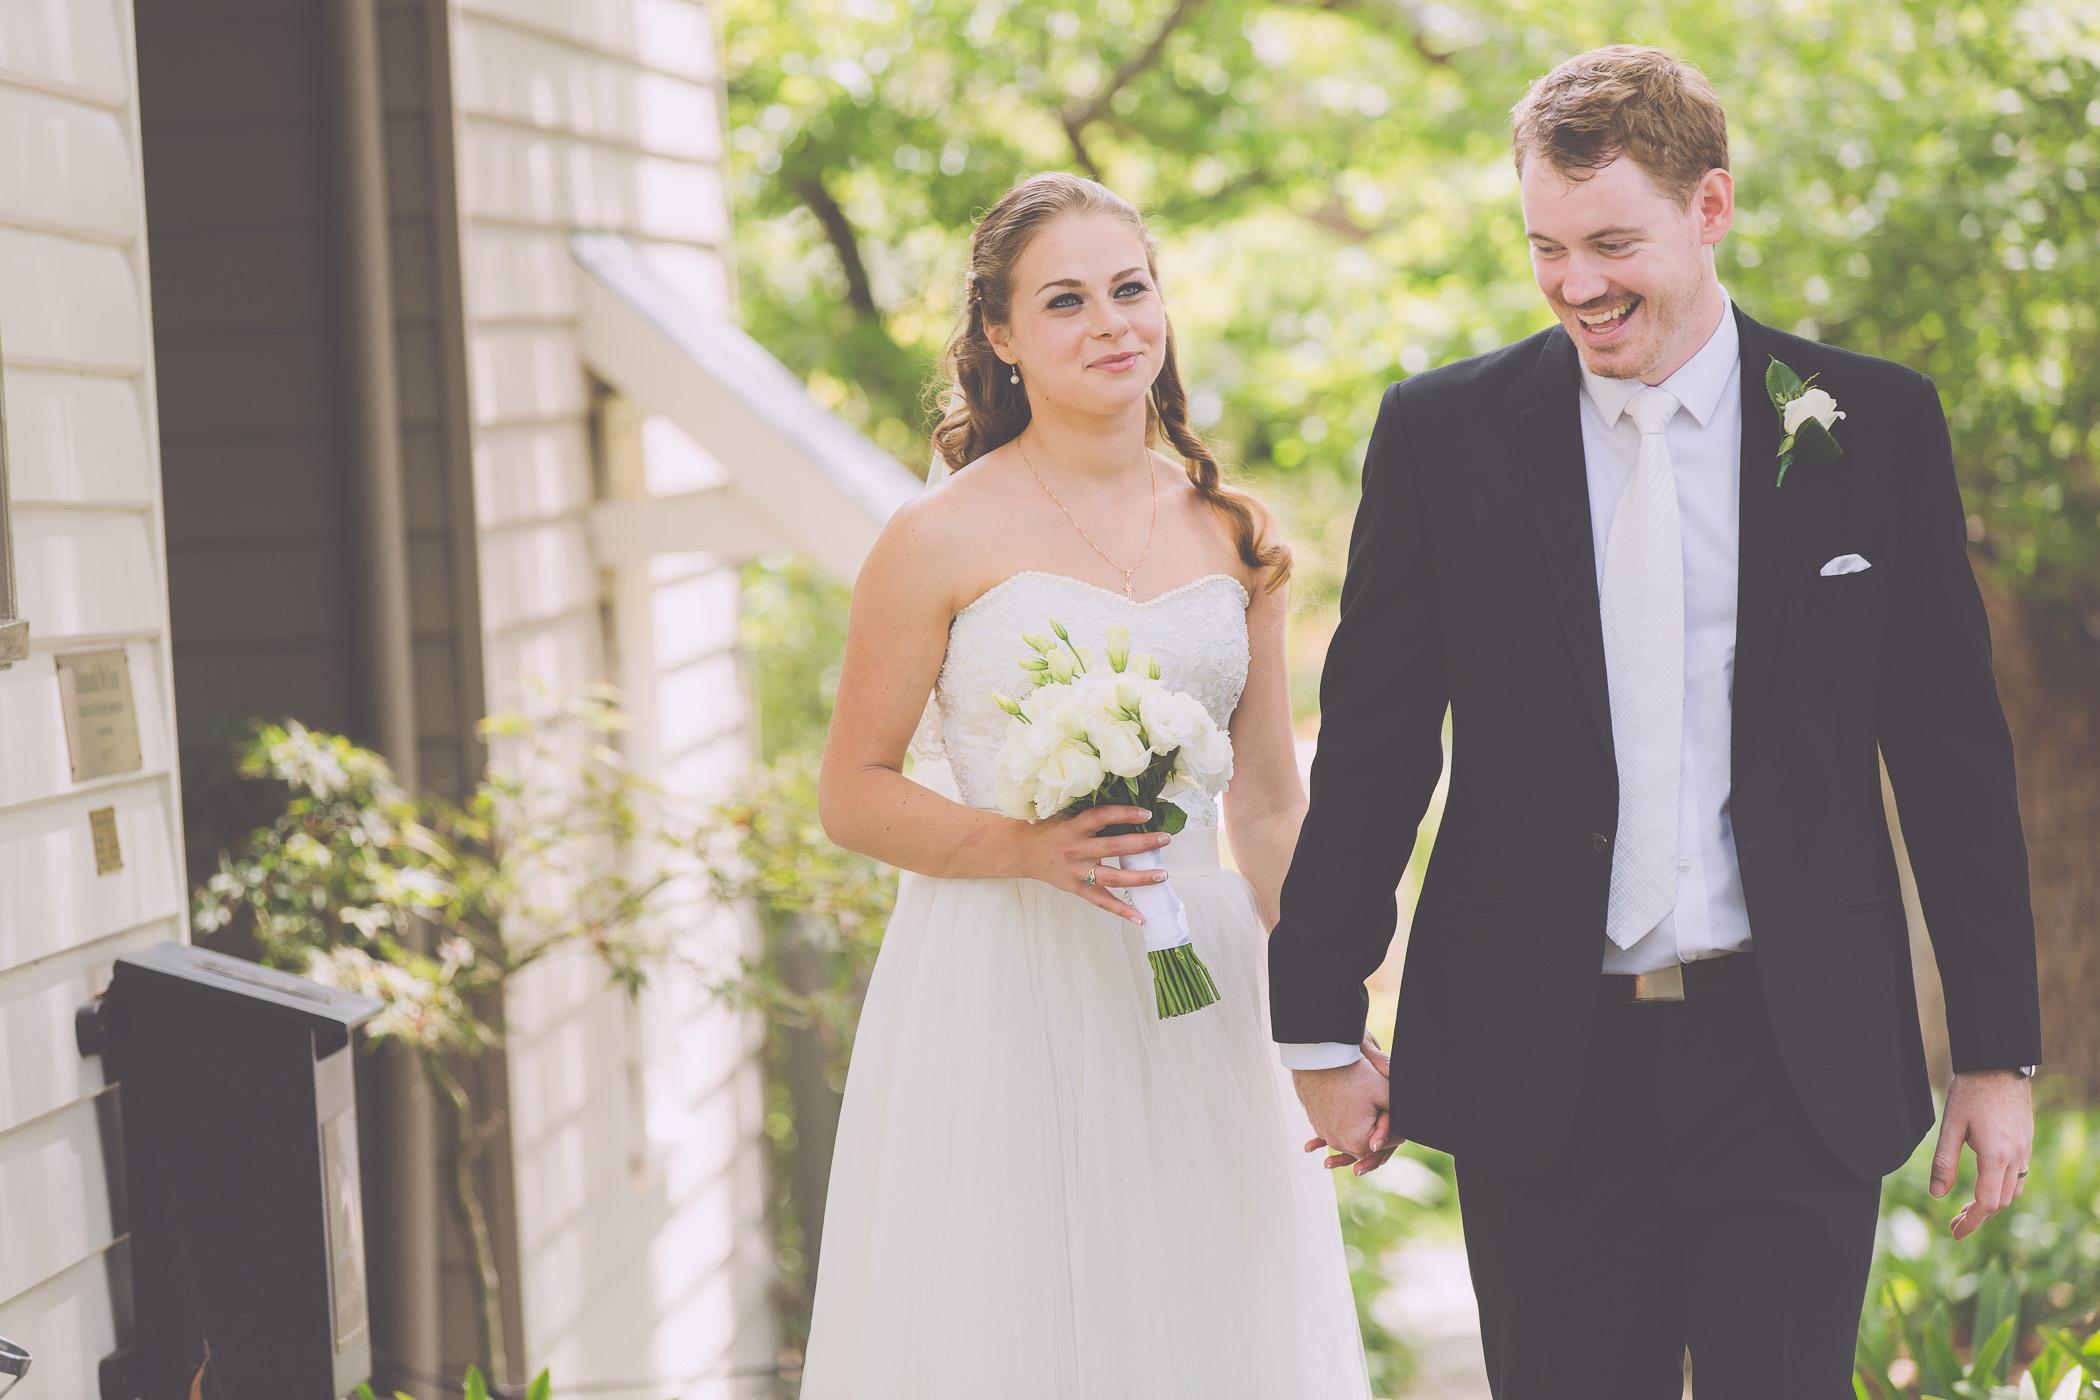 Lucy & Tom_Matt Teague_Wedding Photographer Mudgee-39.jpg